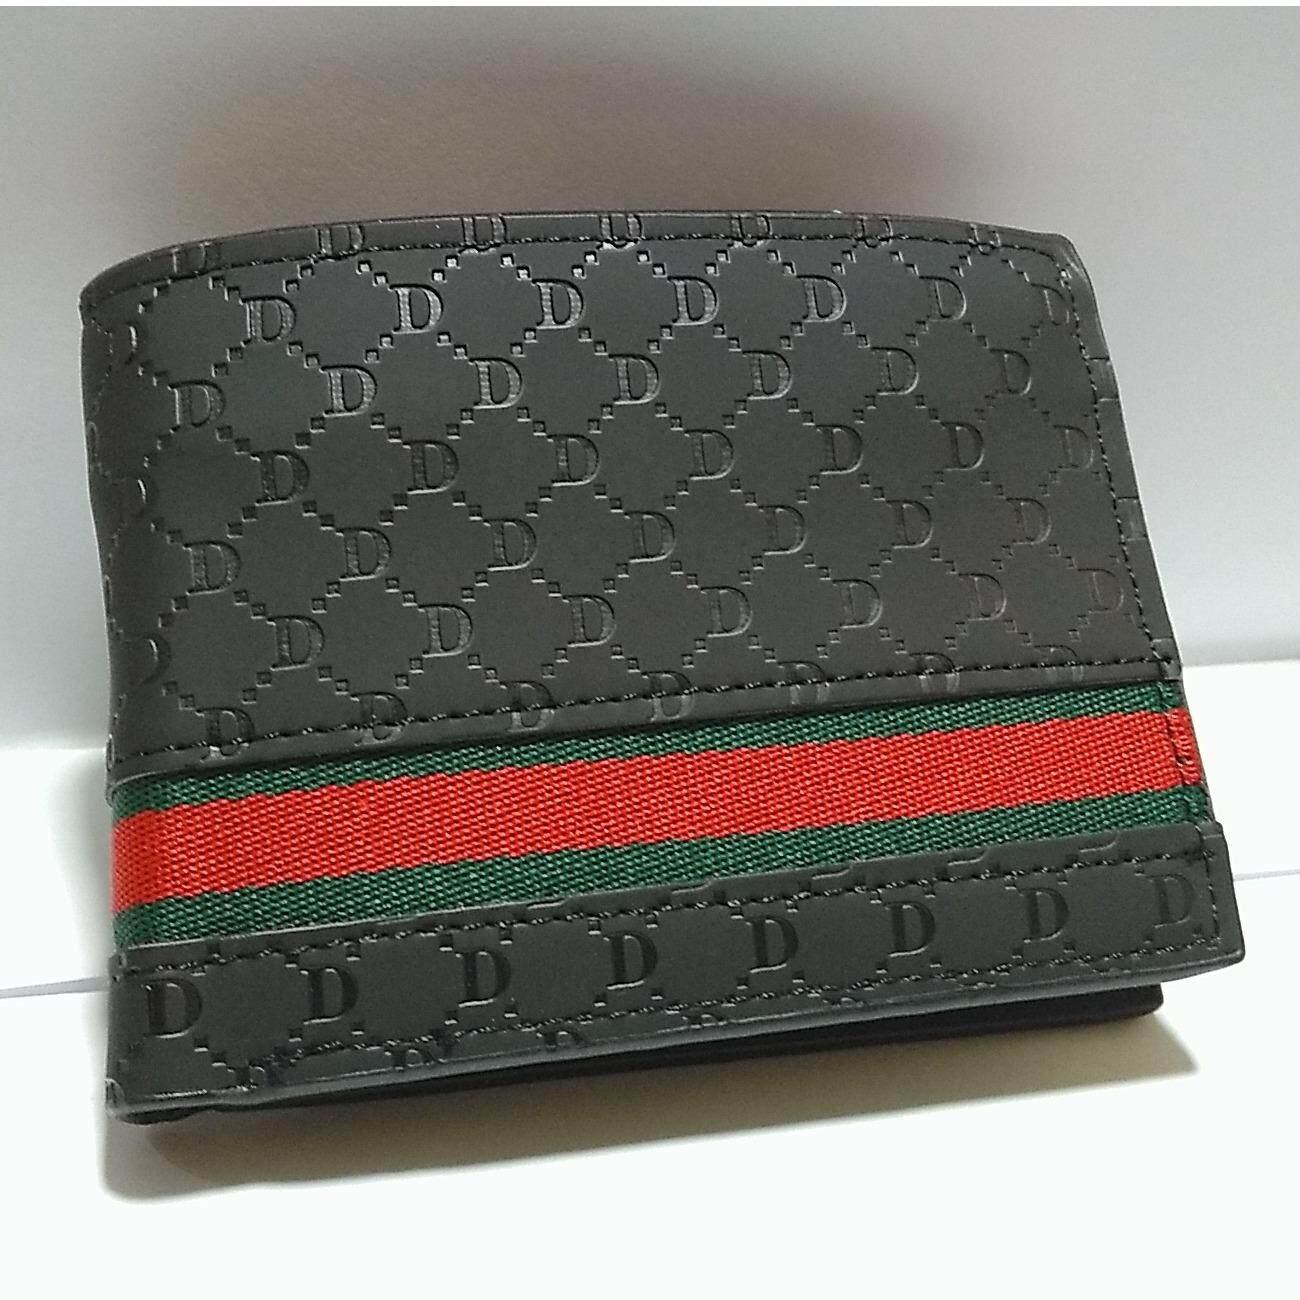 ซื้อ กระเป๋าสตางค์ กระเป๋าสตางค์ผู้ชาย กระเป๋าสตางค์แฟชั่น กระเป๋าสตางผู้ชายแฟชั่น แบบสั้น เรียบหรู มีสไตล์ รุ่น B002 Men